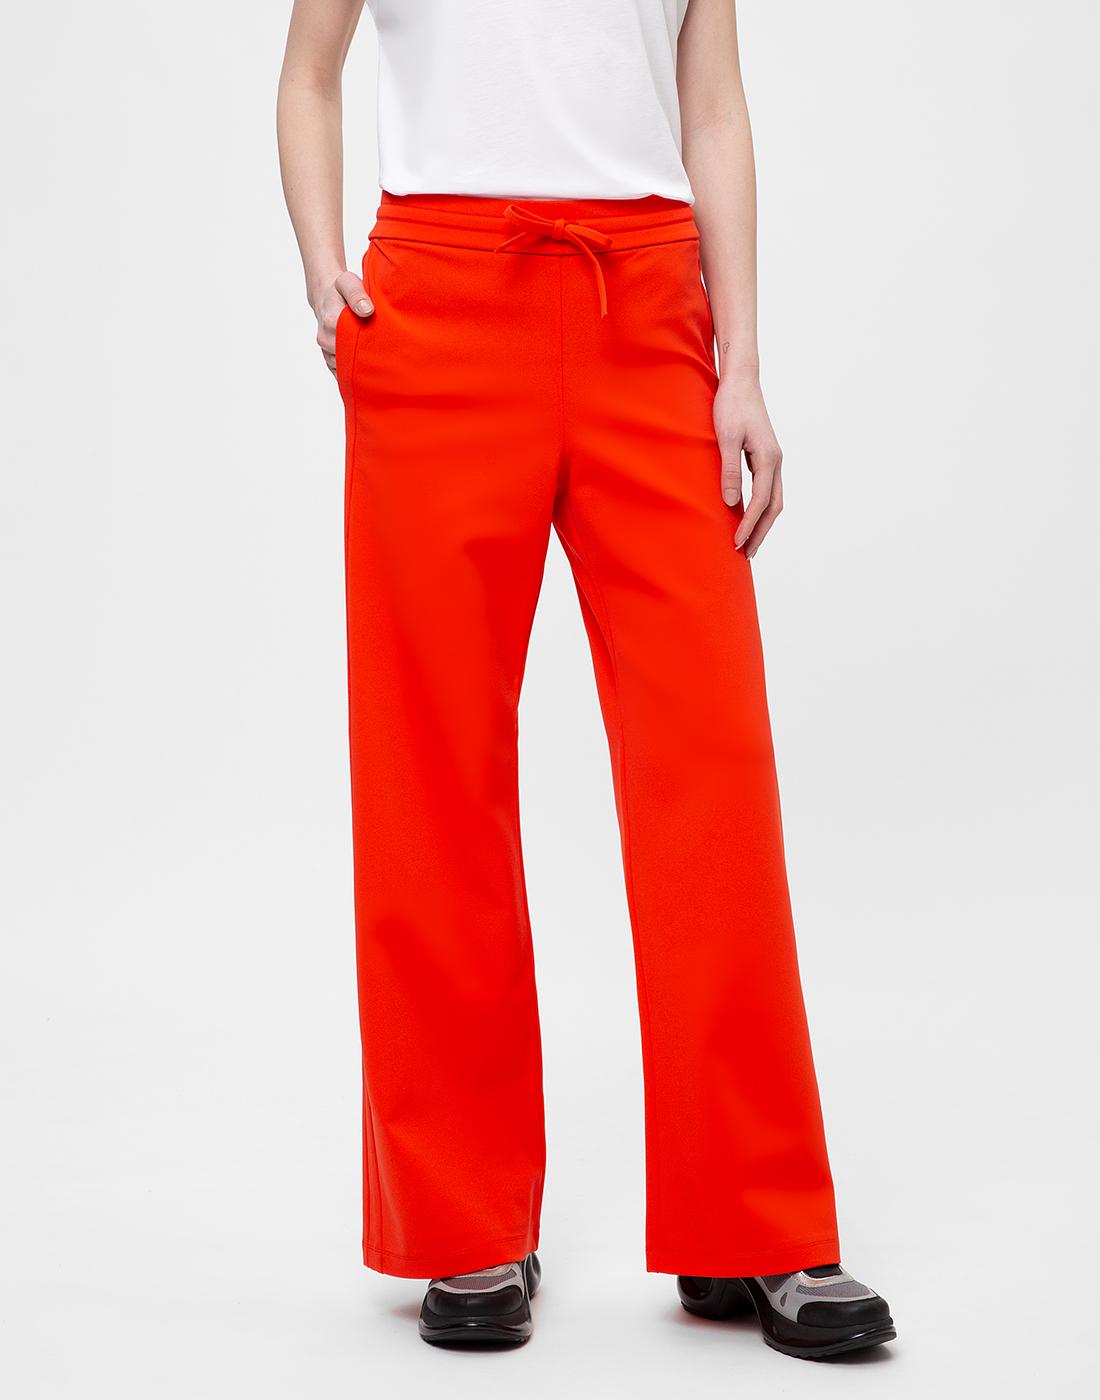 Женские красные брюки Dorothee Schumacher S626012/434-2